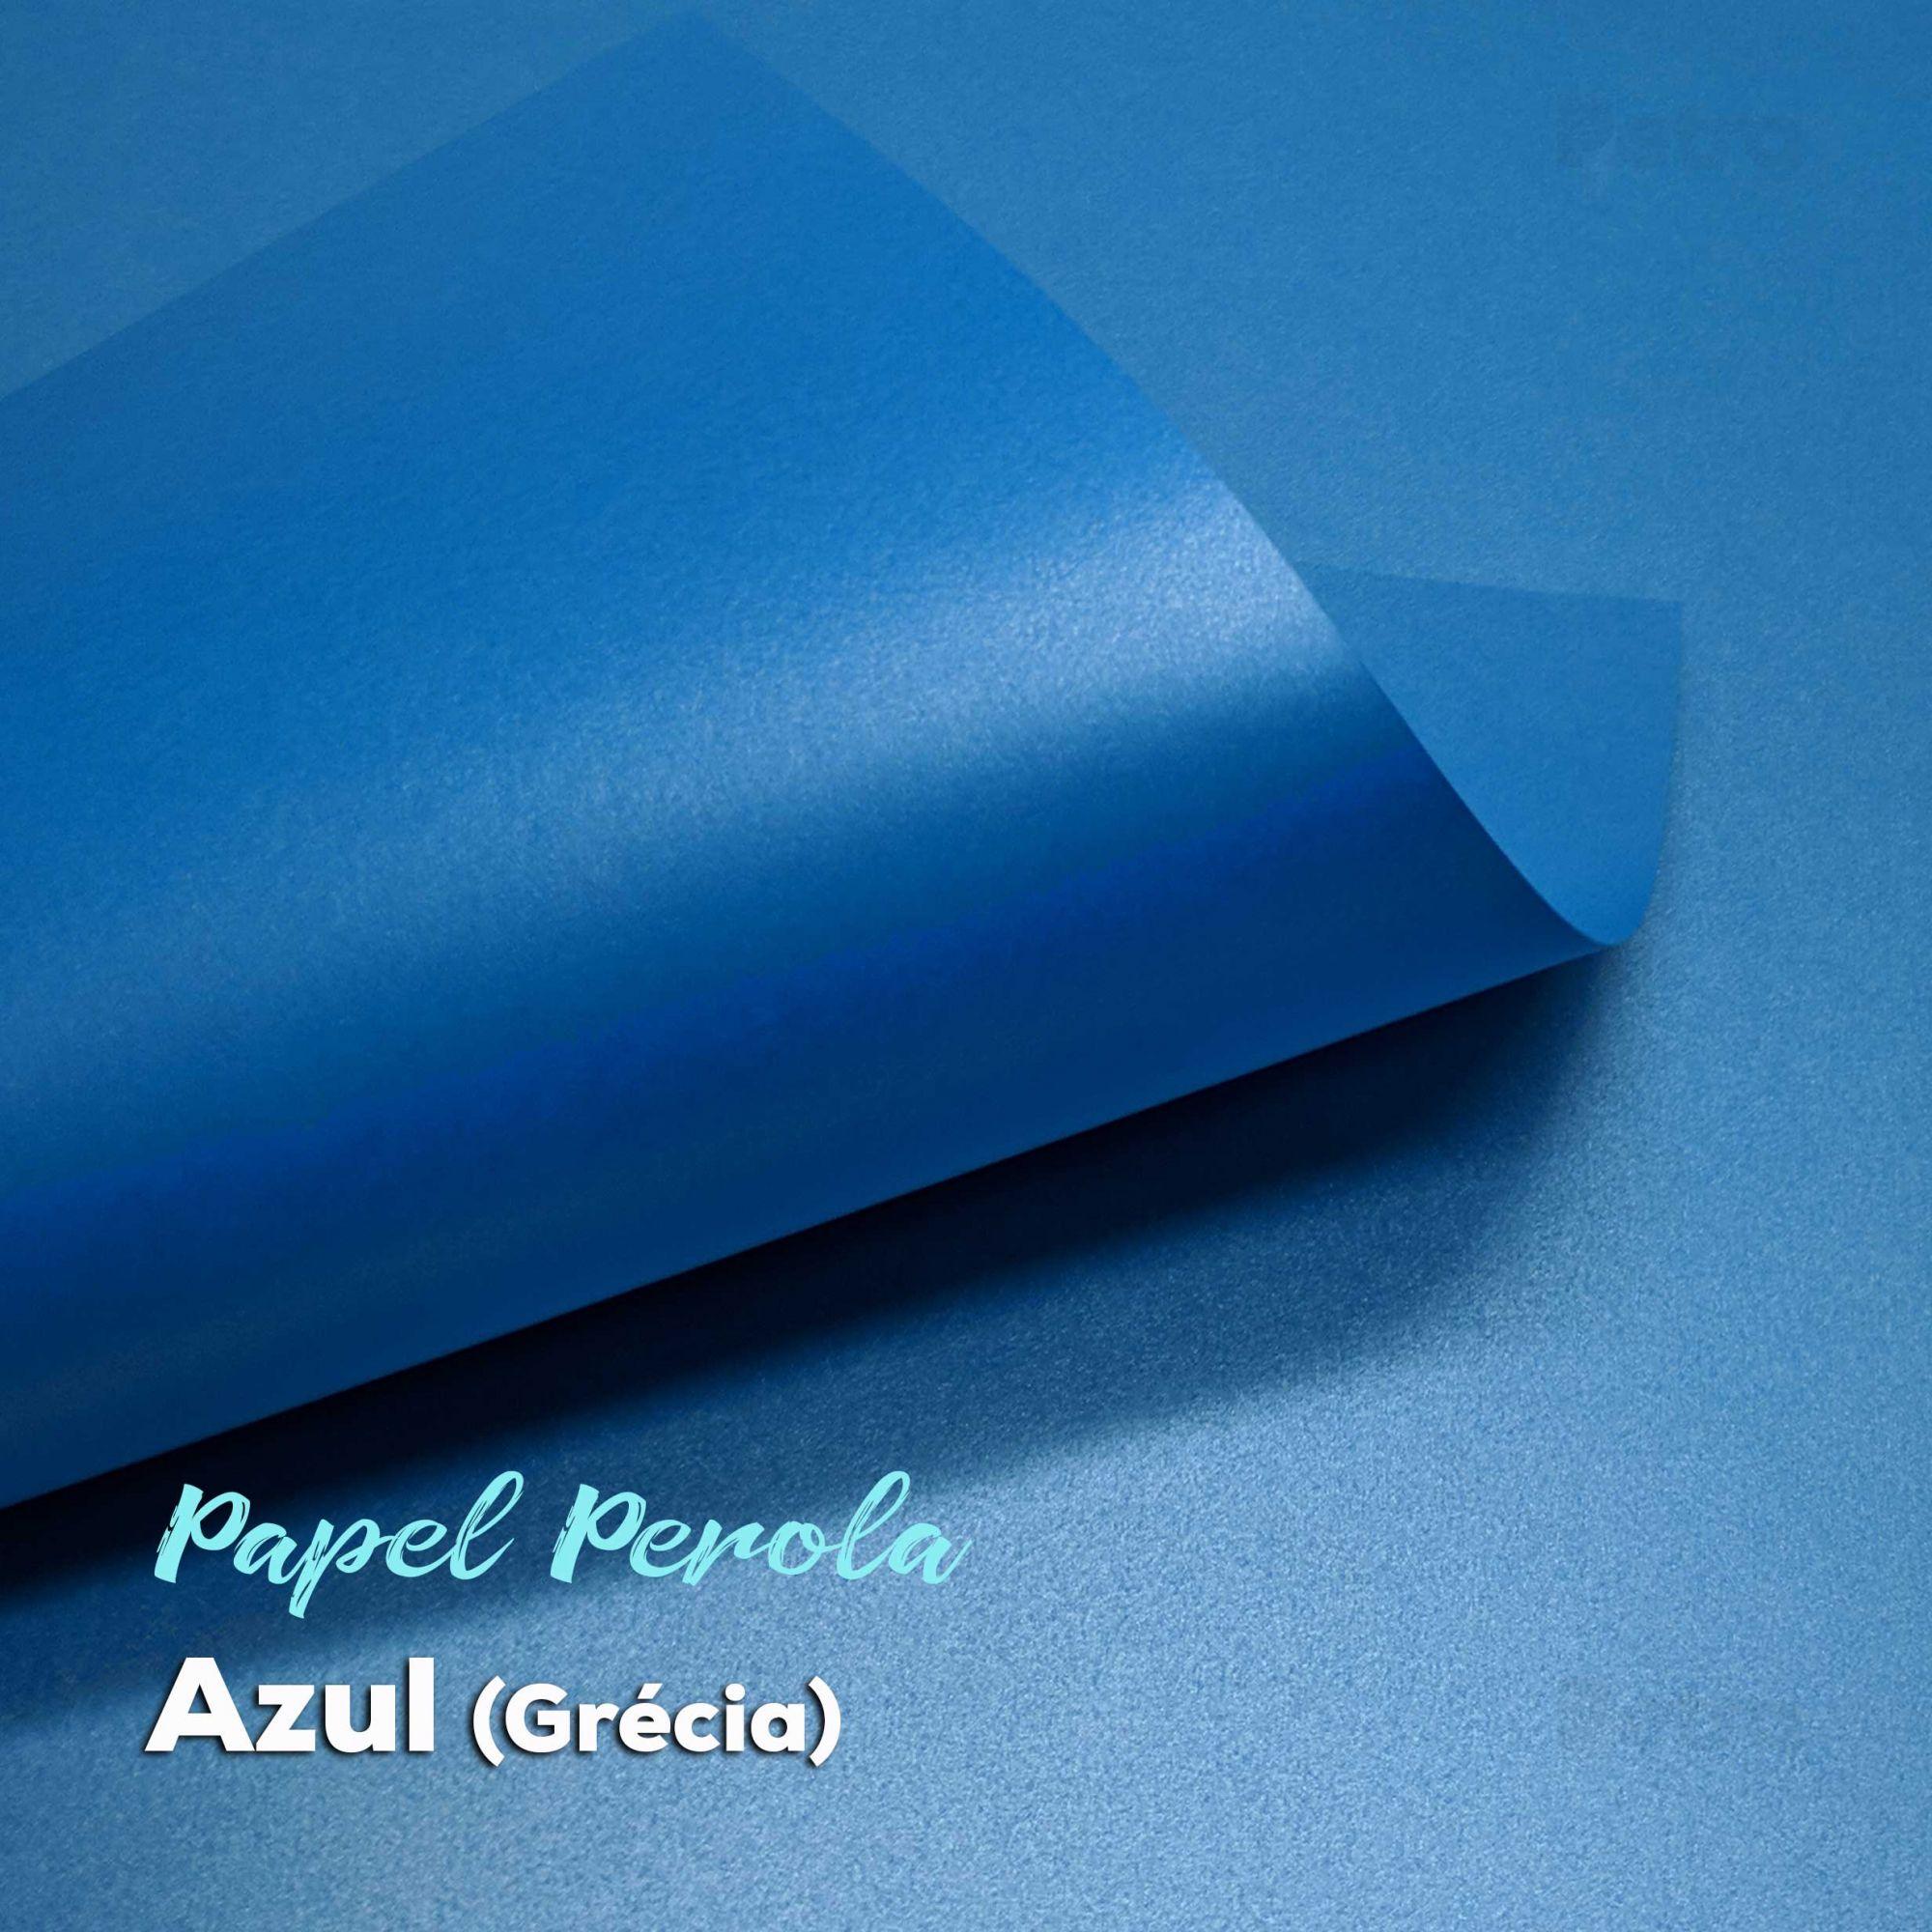 Papel Pérola Azul Grécia Tam: 48x66cm 180g/m²